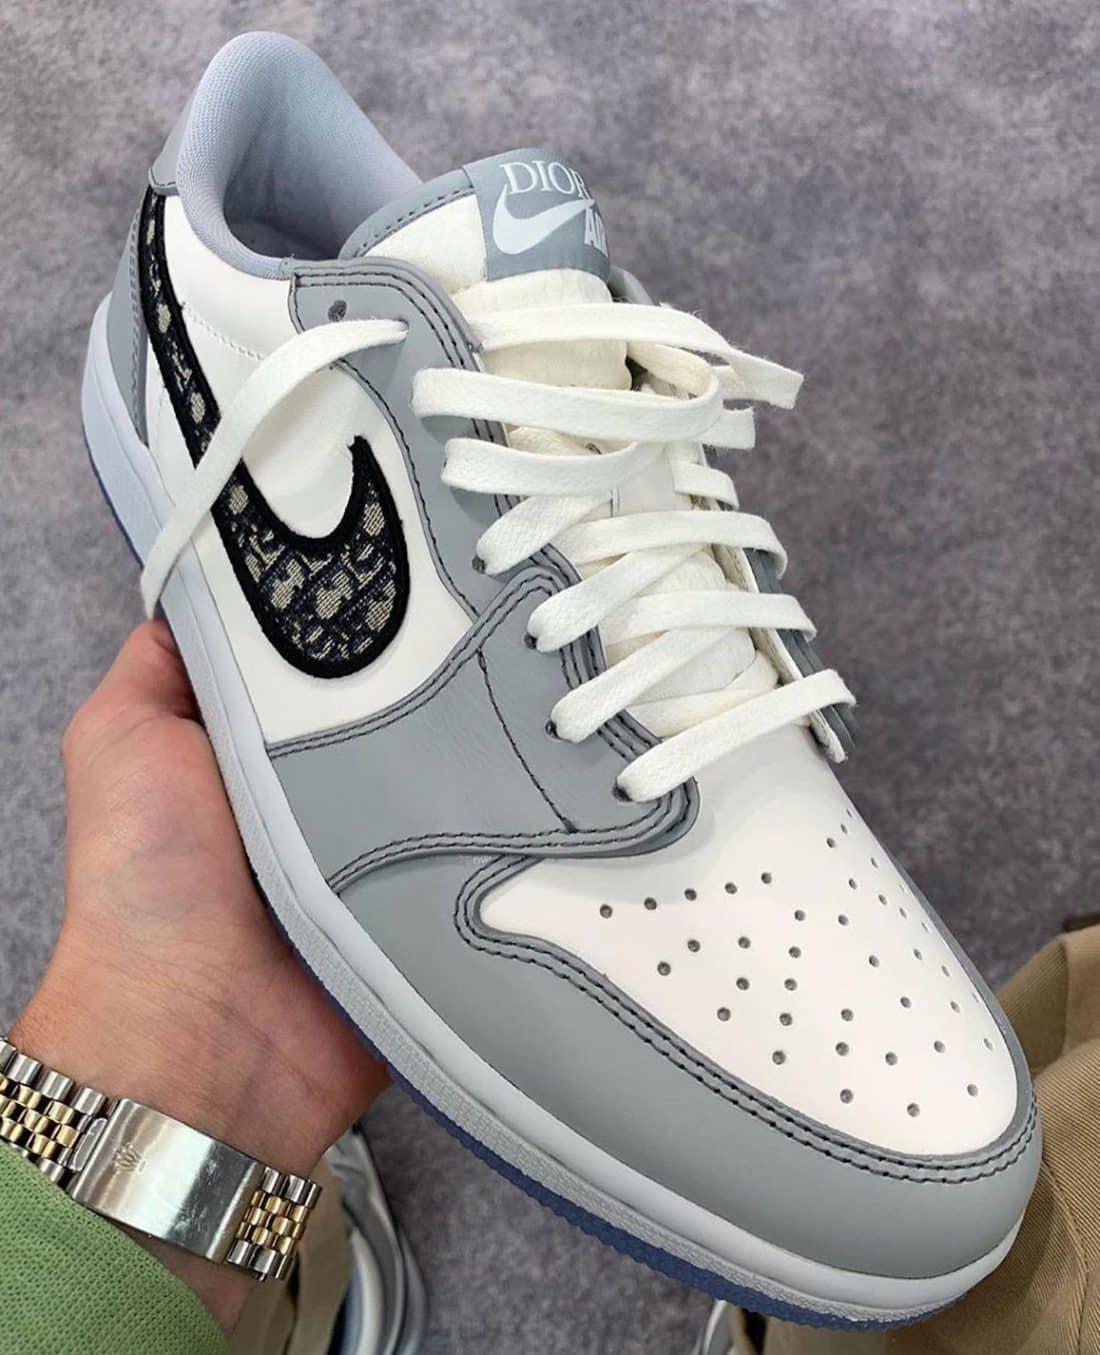 Une Dior x Air Jordan 1 Low à venir - Le Site de la Sneaker